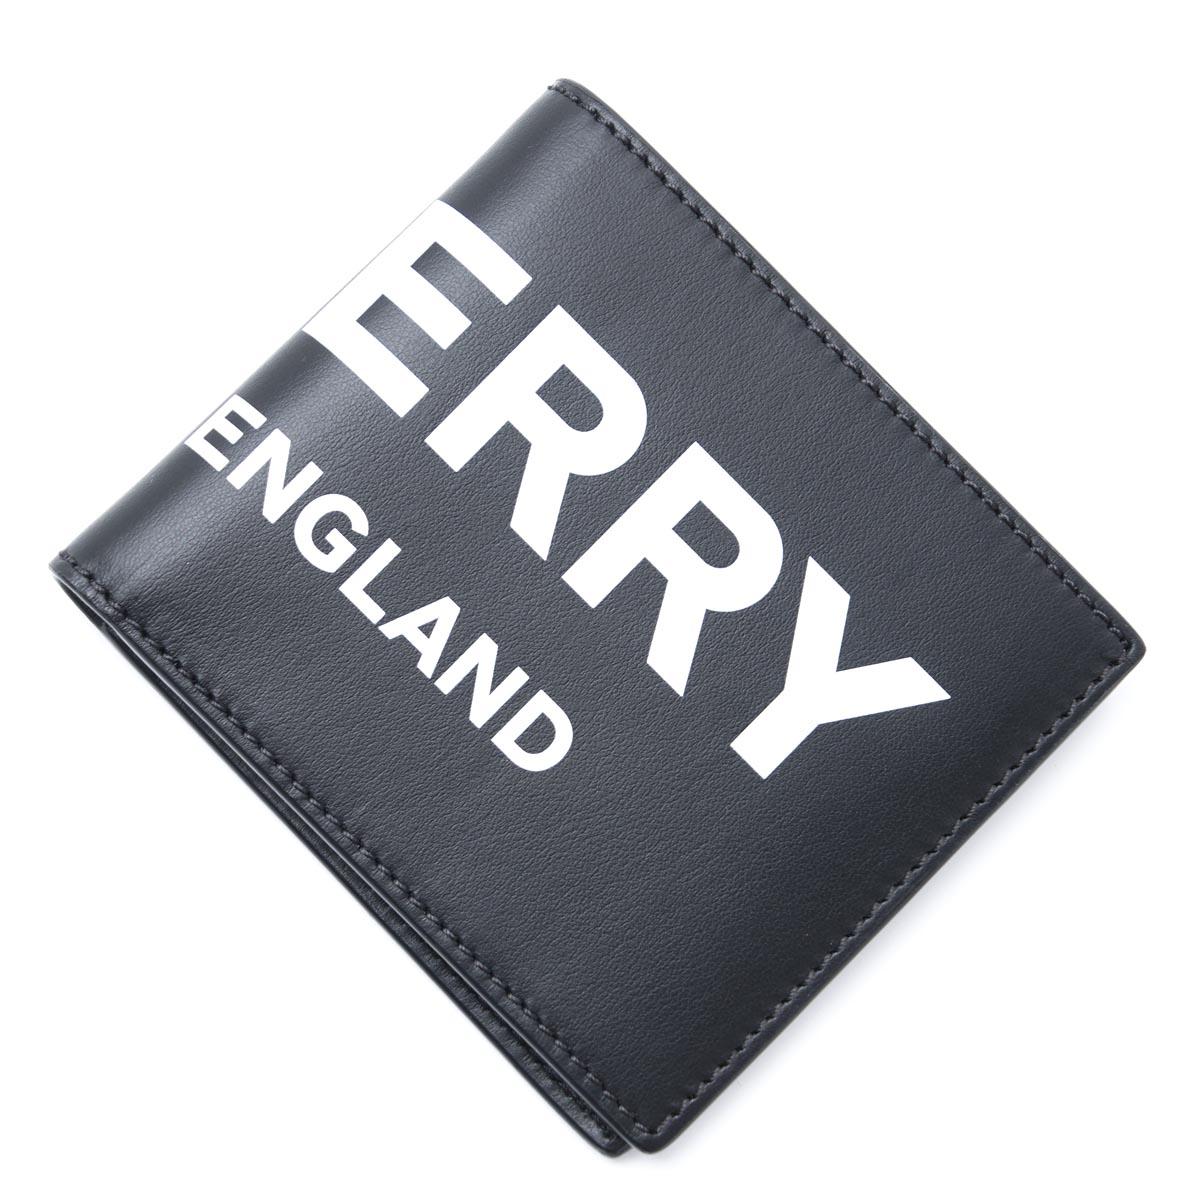 バーバリー BURBERRY 2つ折り 財布 ブラック メンズ ウォレット ギフト プレゼント 8008887 black LOGO PRINTED LEATHER【あす楽対応_関東】【返品送料無料】【ラッピング無料】